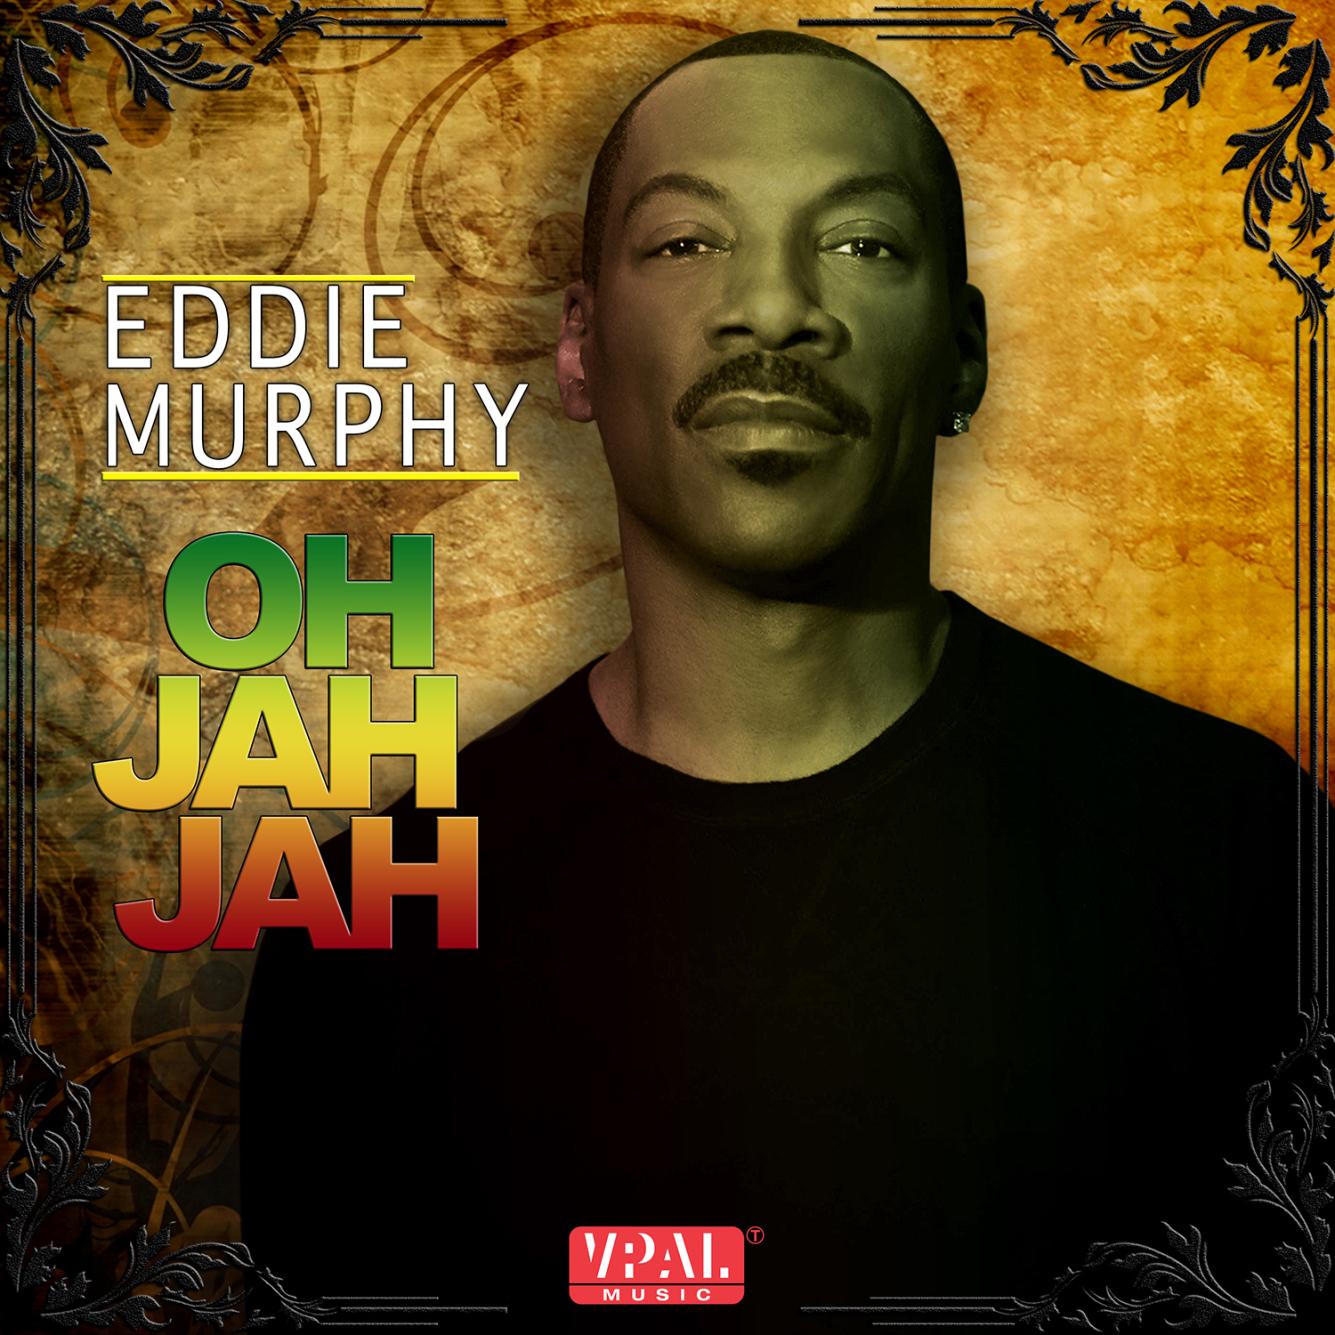 Eddie murphy cover